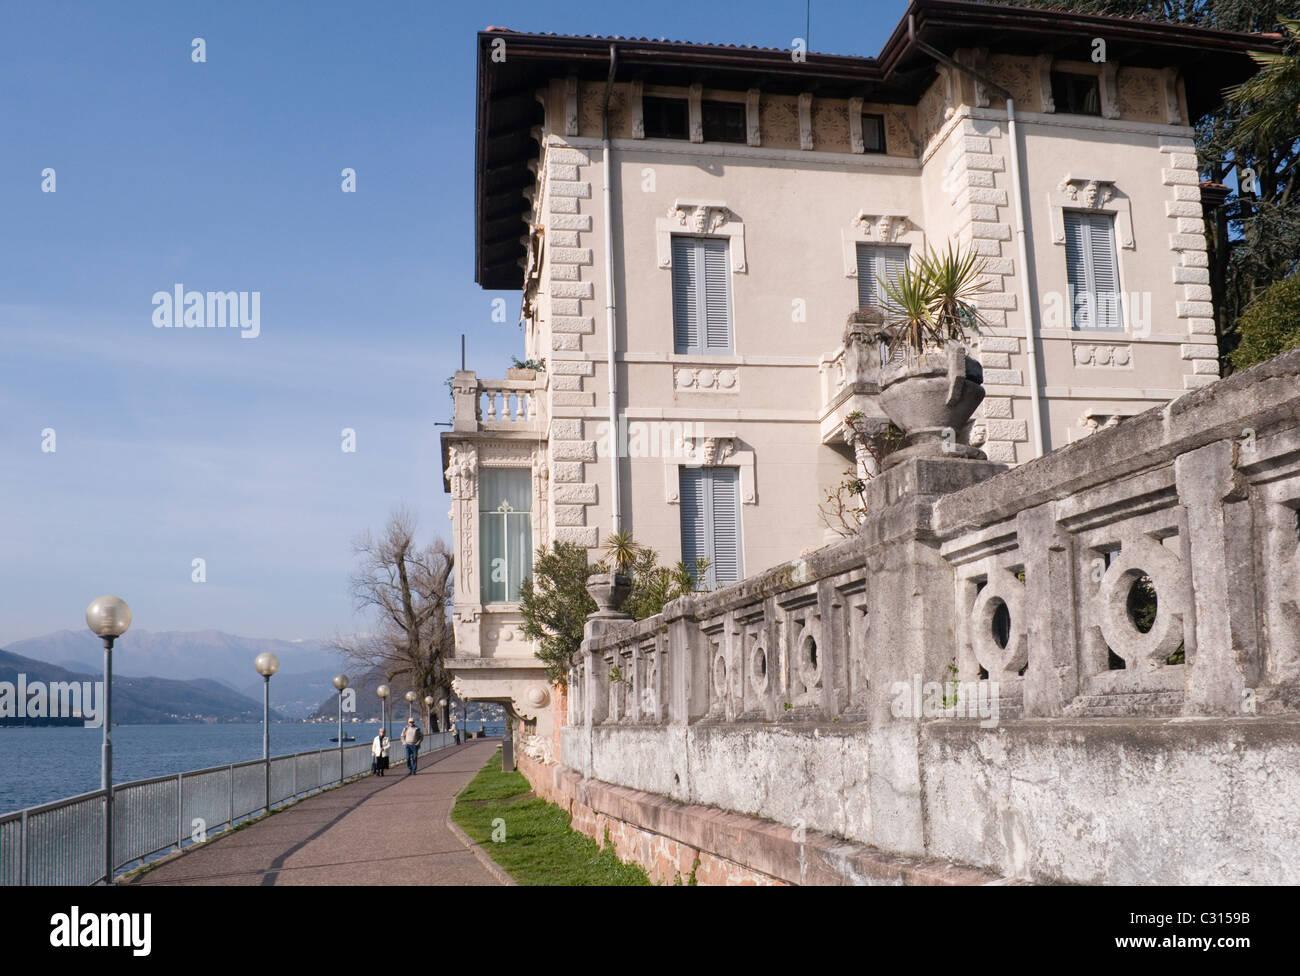 Stile liberty villa residenziale sulla riva del lago Ceresio o lago di lugano) a Porto Ceresio - Italia Immagini Stock